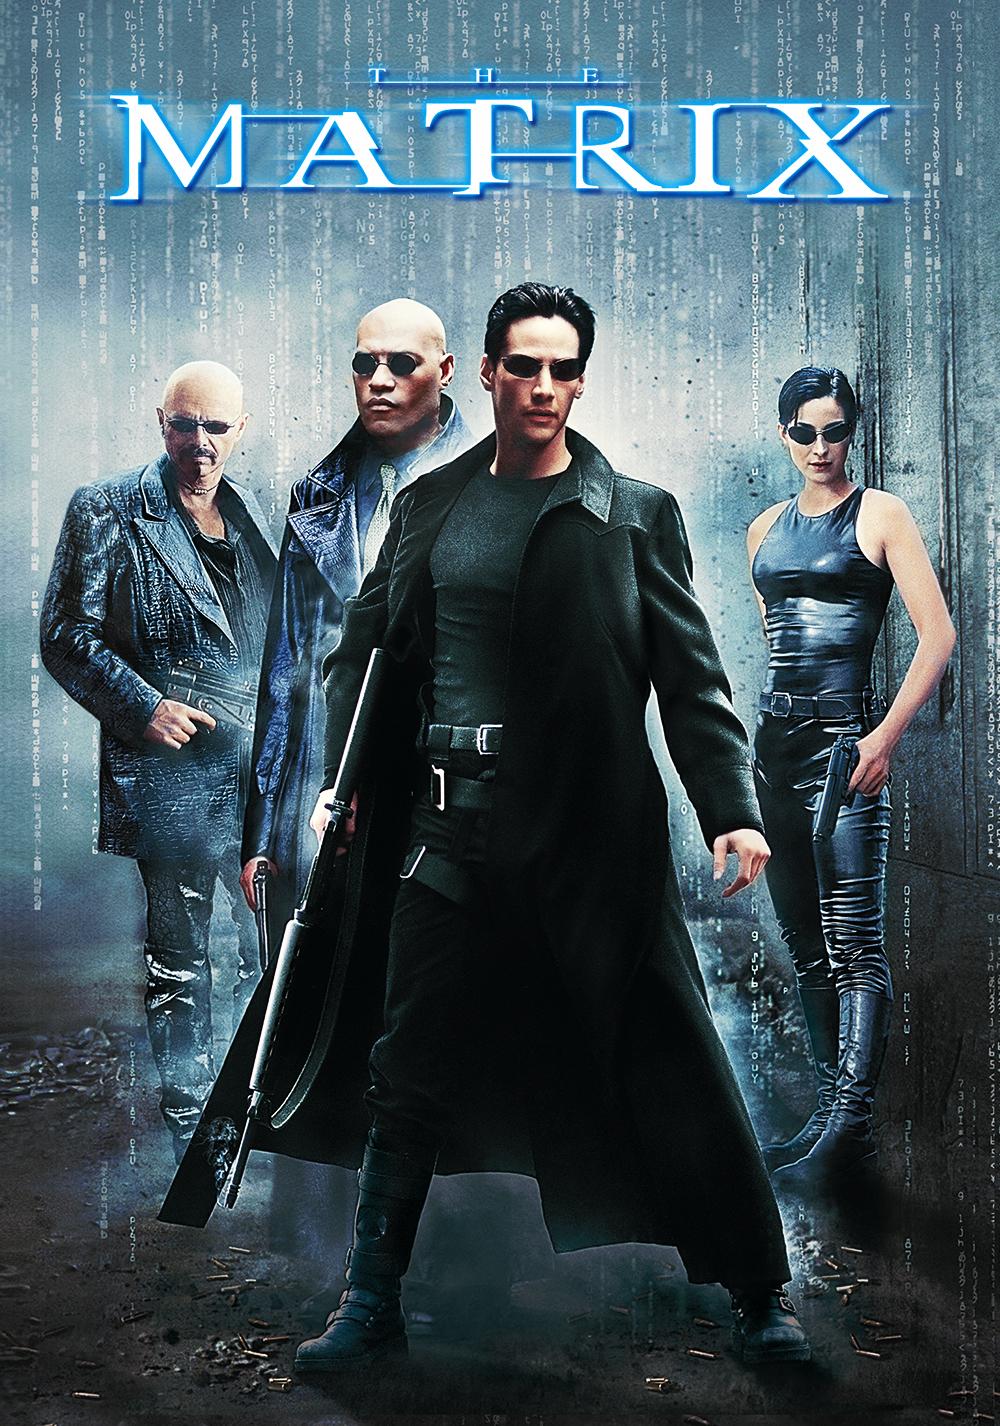 the-matrix-53b1a283180a1